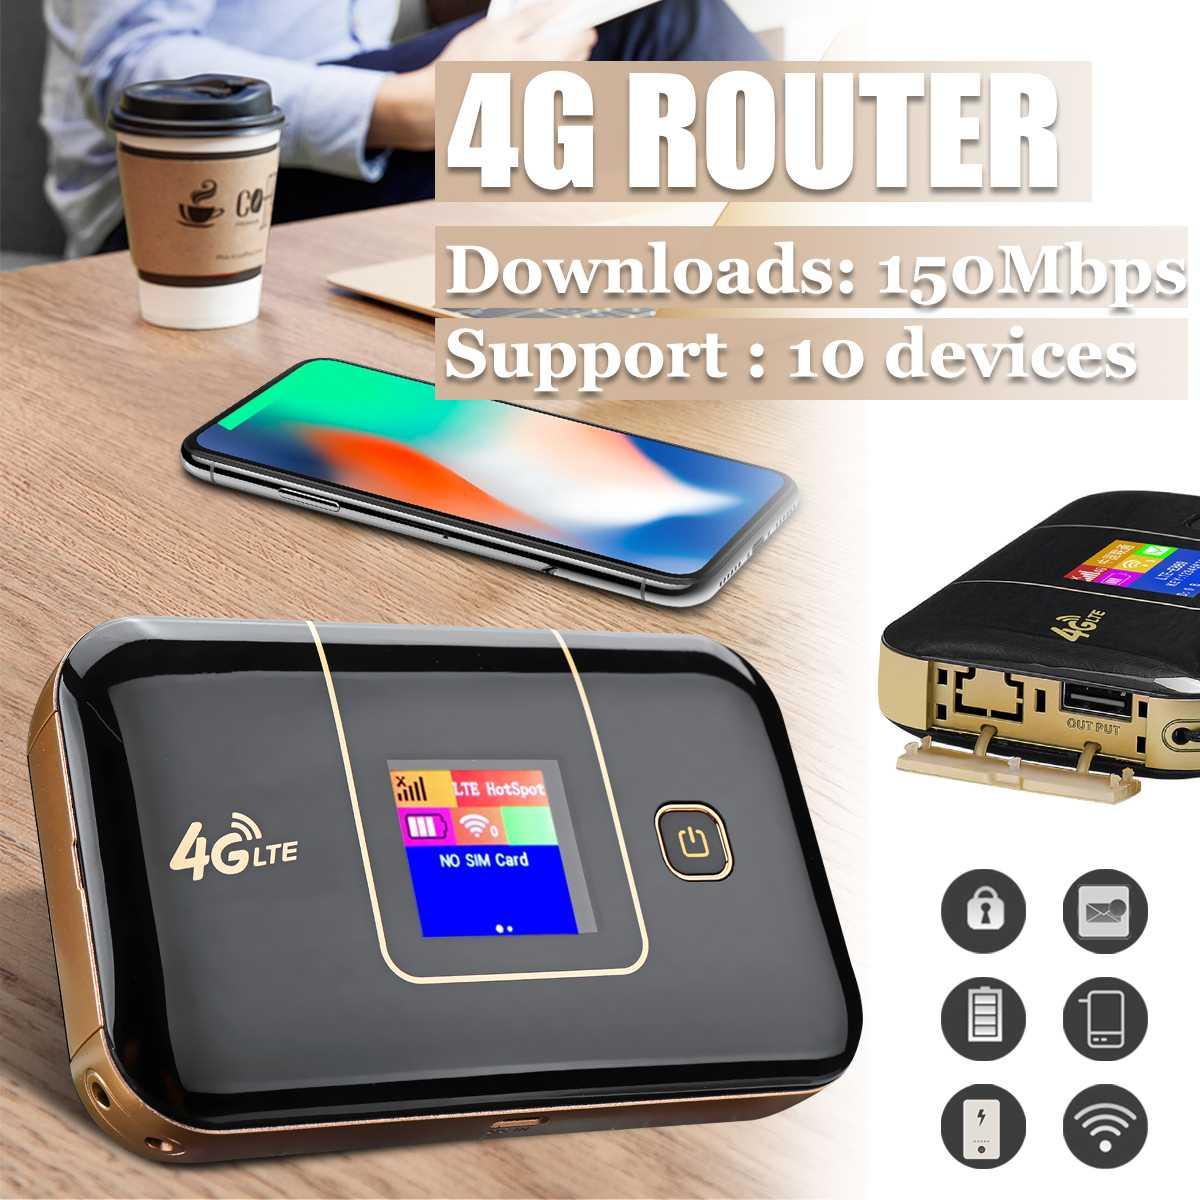 Routeur WiFi Portable 4G LTE sans fil sécurisé Hotspot 150 Mbps haute vitesse chargeur de batterie prise en charge de la fente pour carte SIM TF